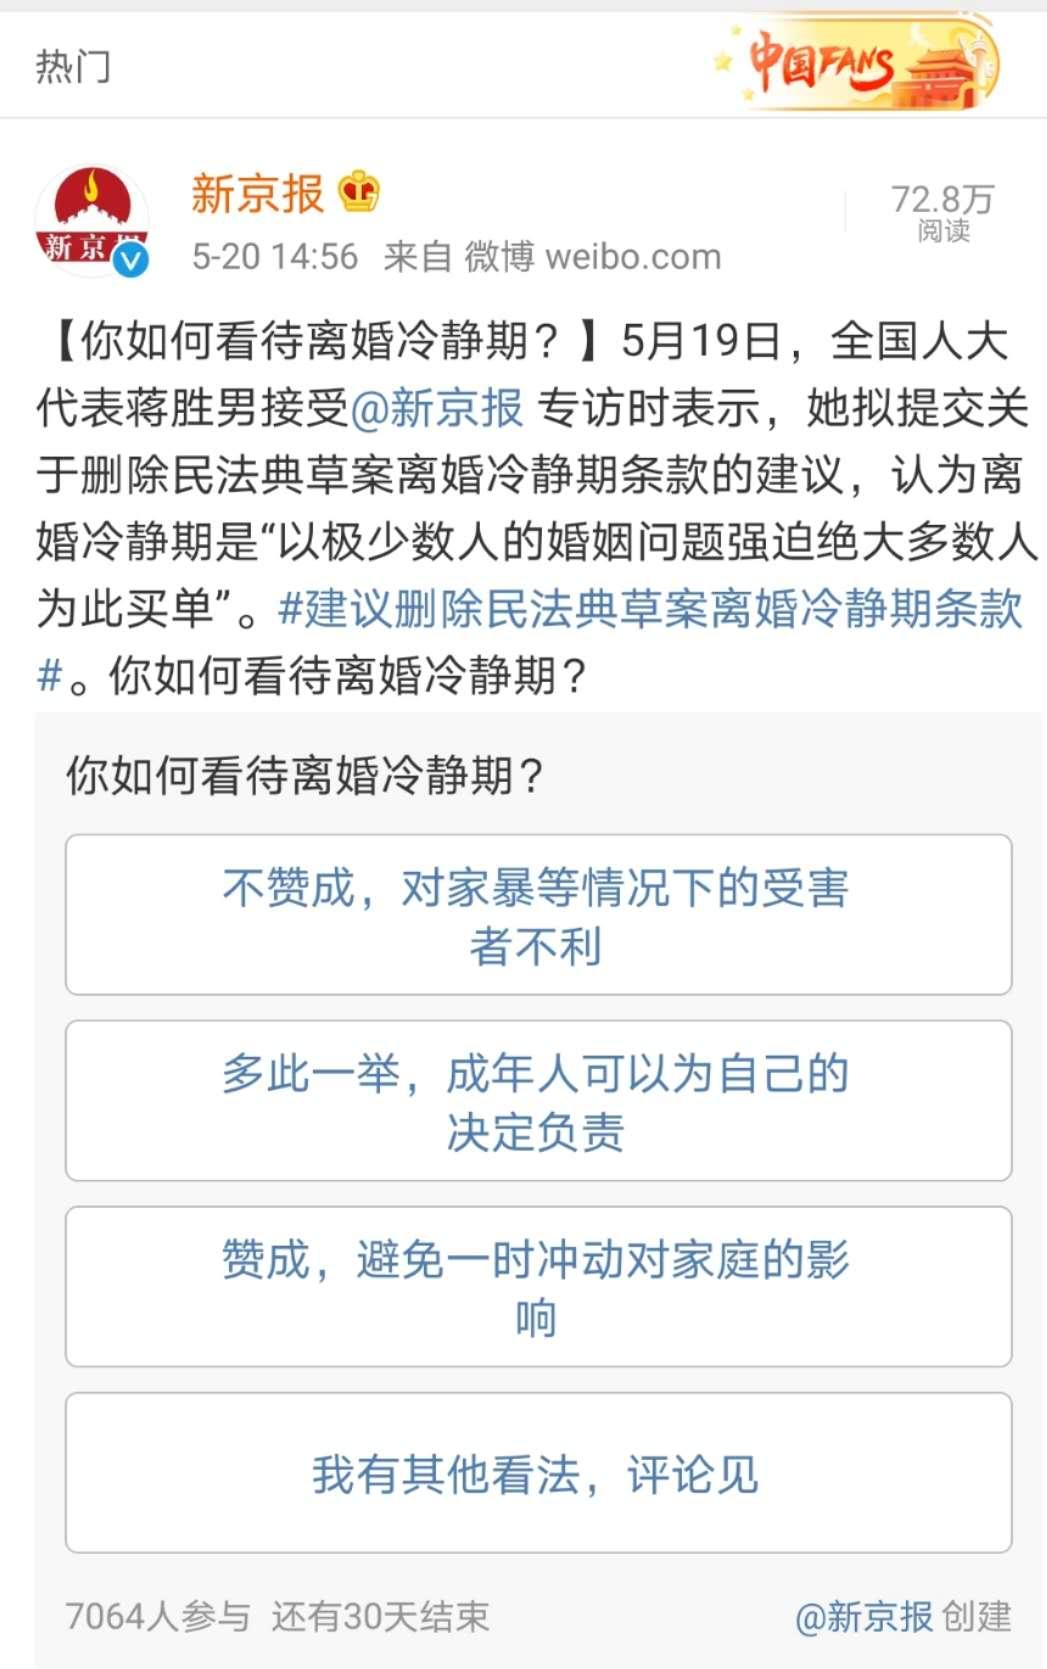 天富官网,学者解读天富官网民法典草案图片